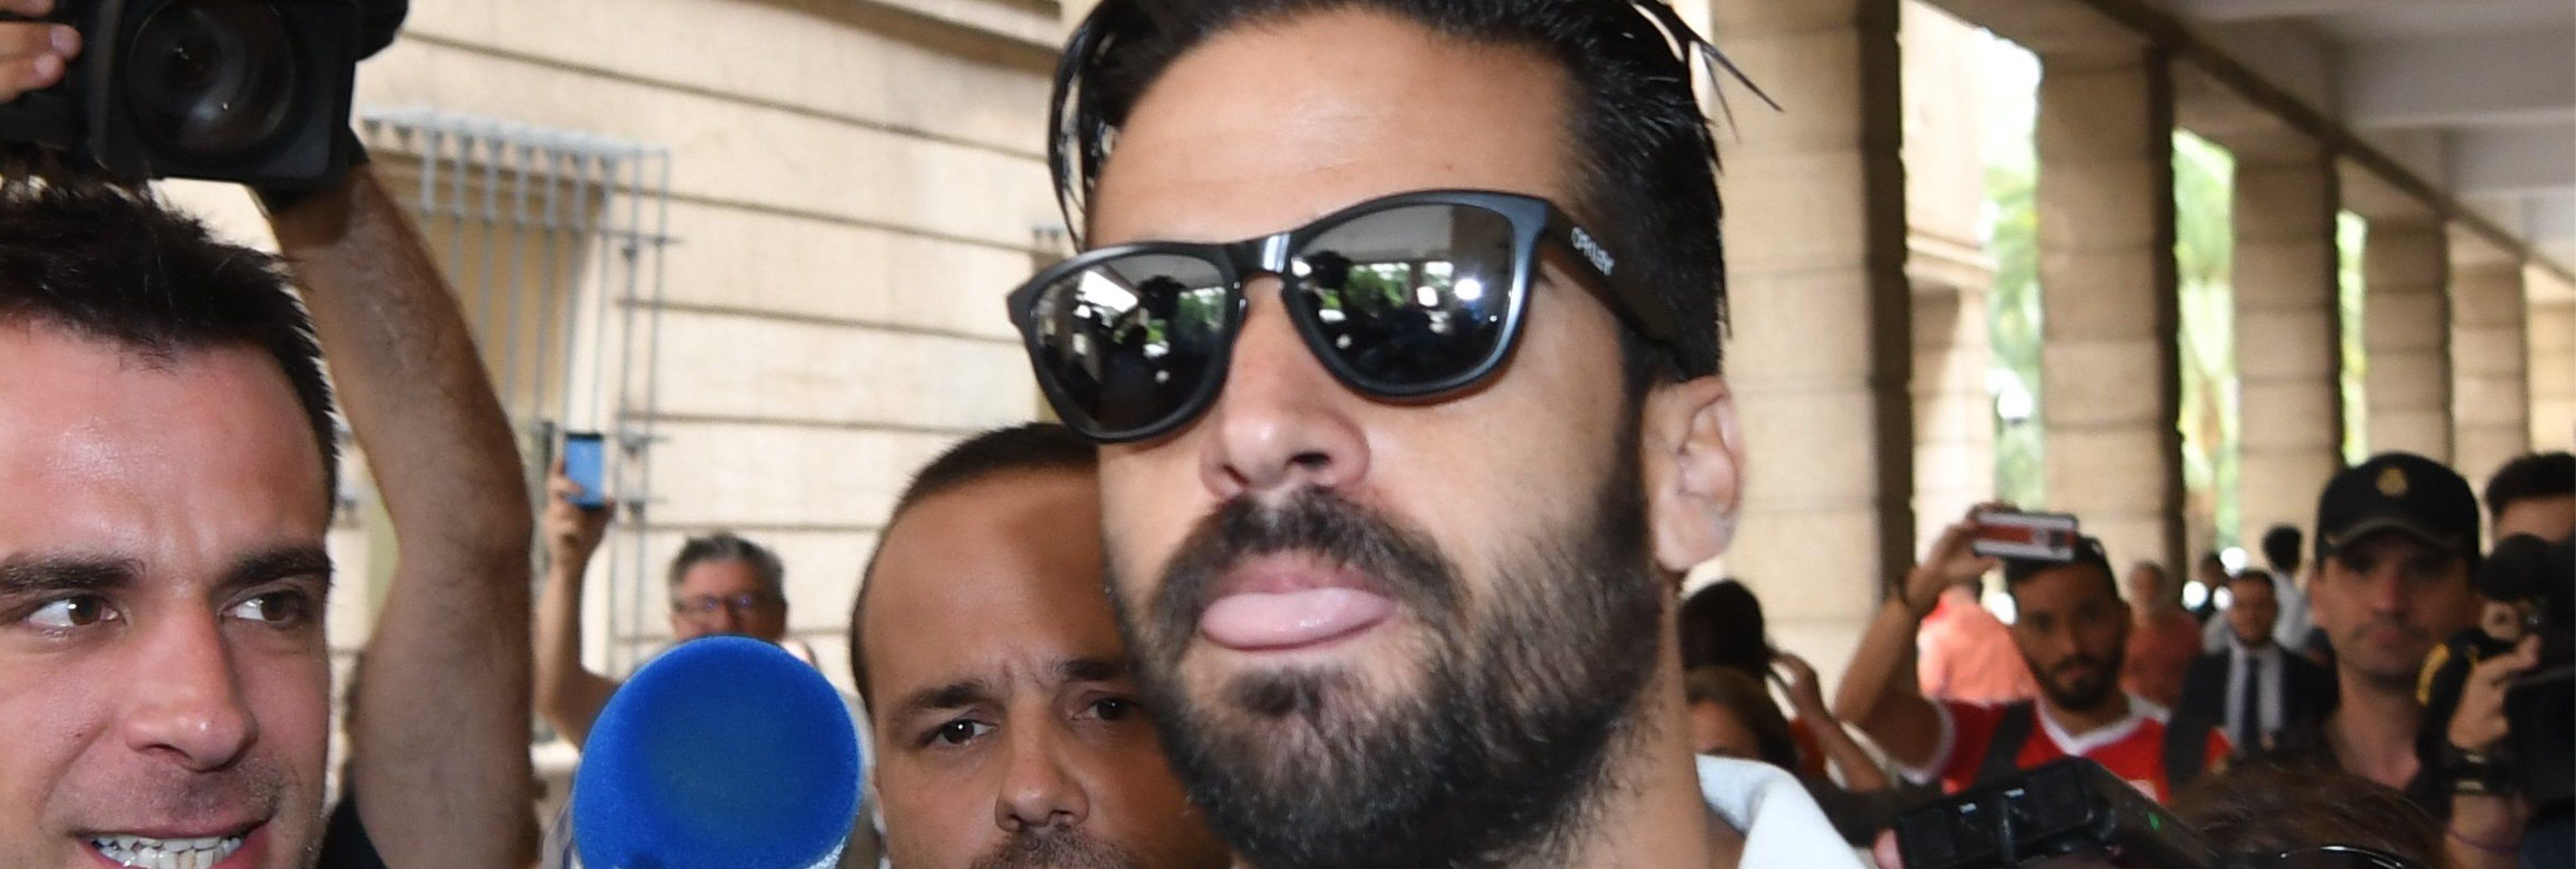 Se investiga si el guardia civil de 'La Manada' tuvo un móvil en prisión